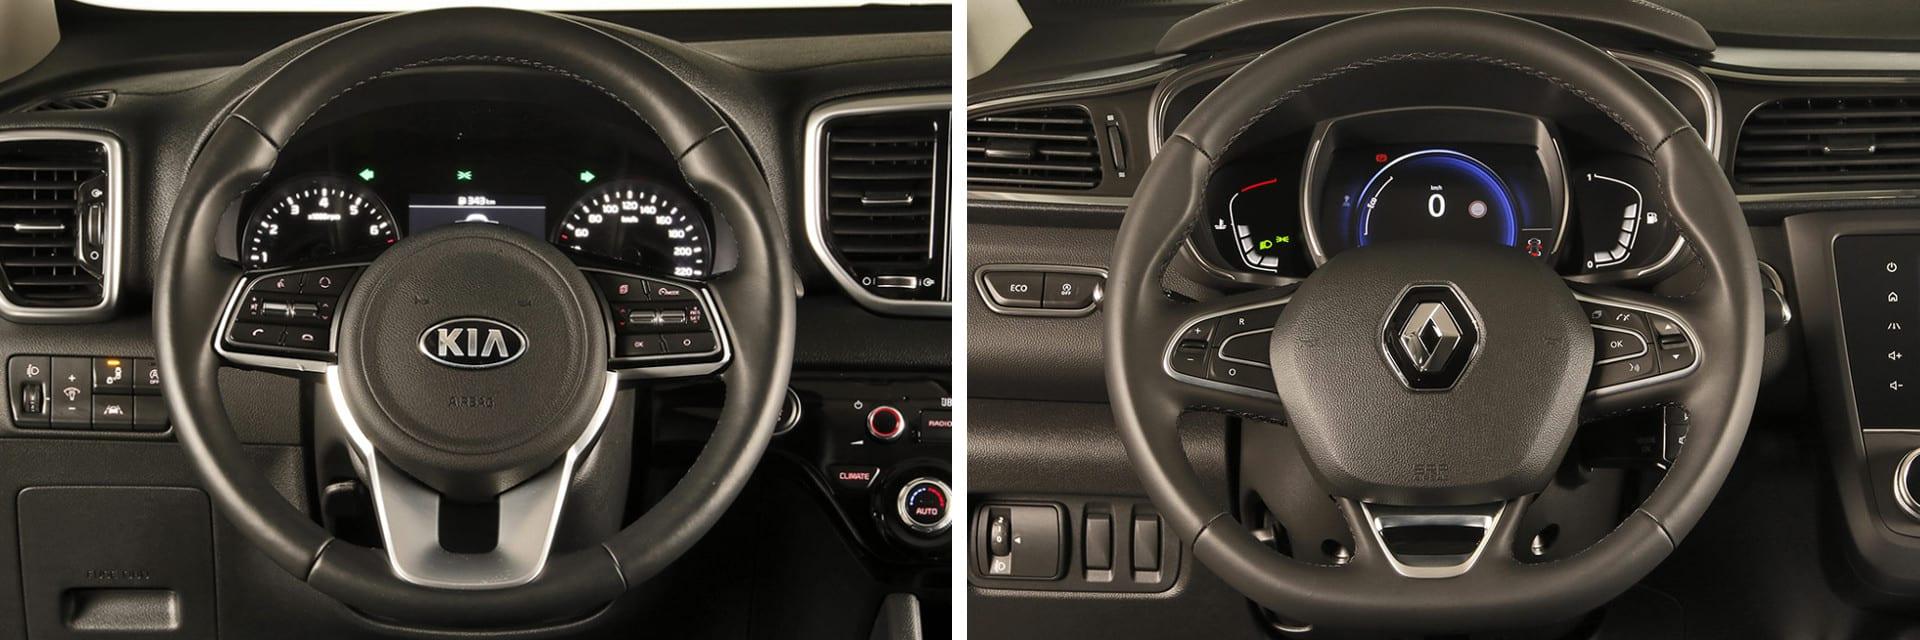 Tanto en el Sportage (izq.) como en el Kadjar (dcha.) es fácil sentirse cómodo. Ambos ofrecen buena visibilidad. / km77